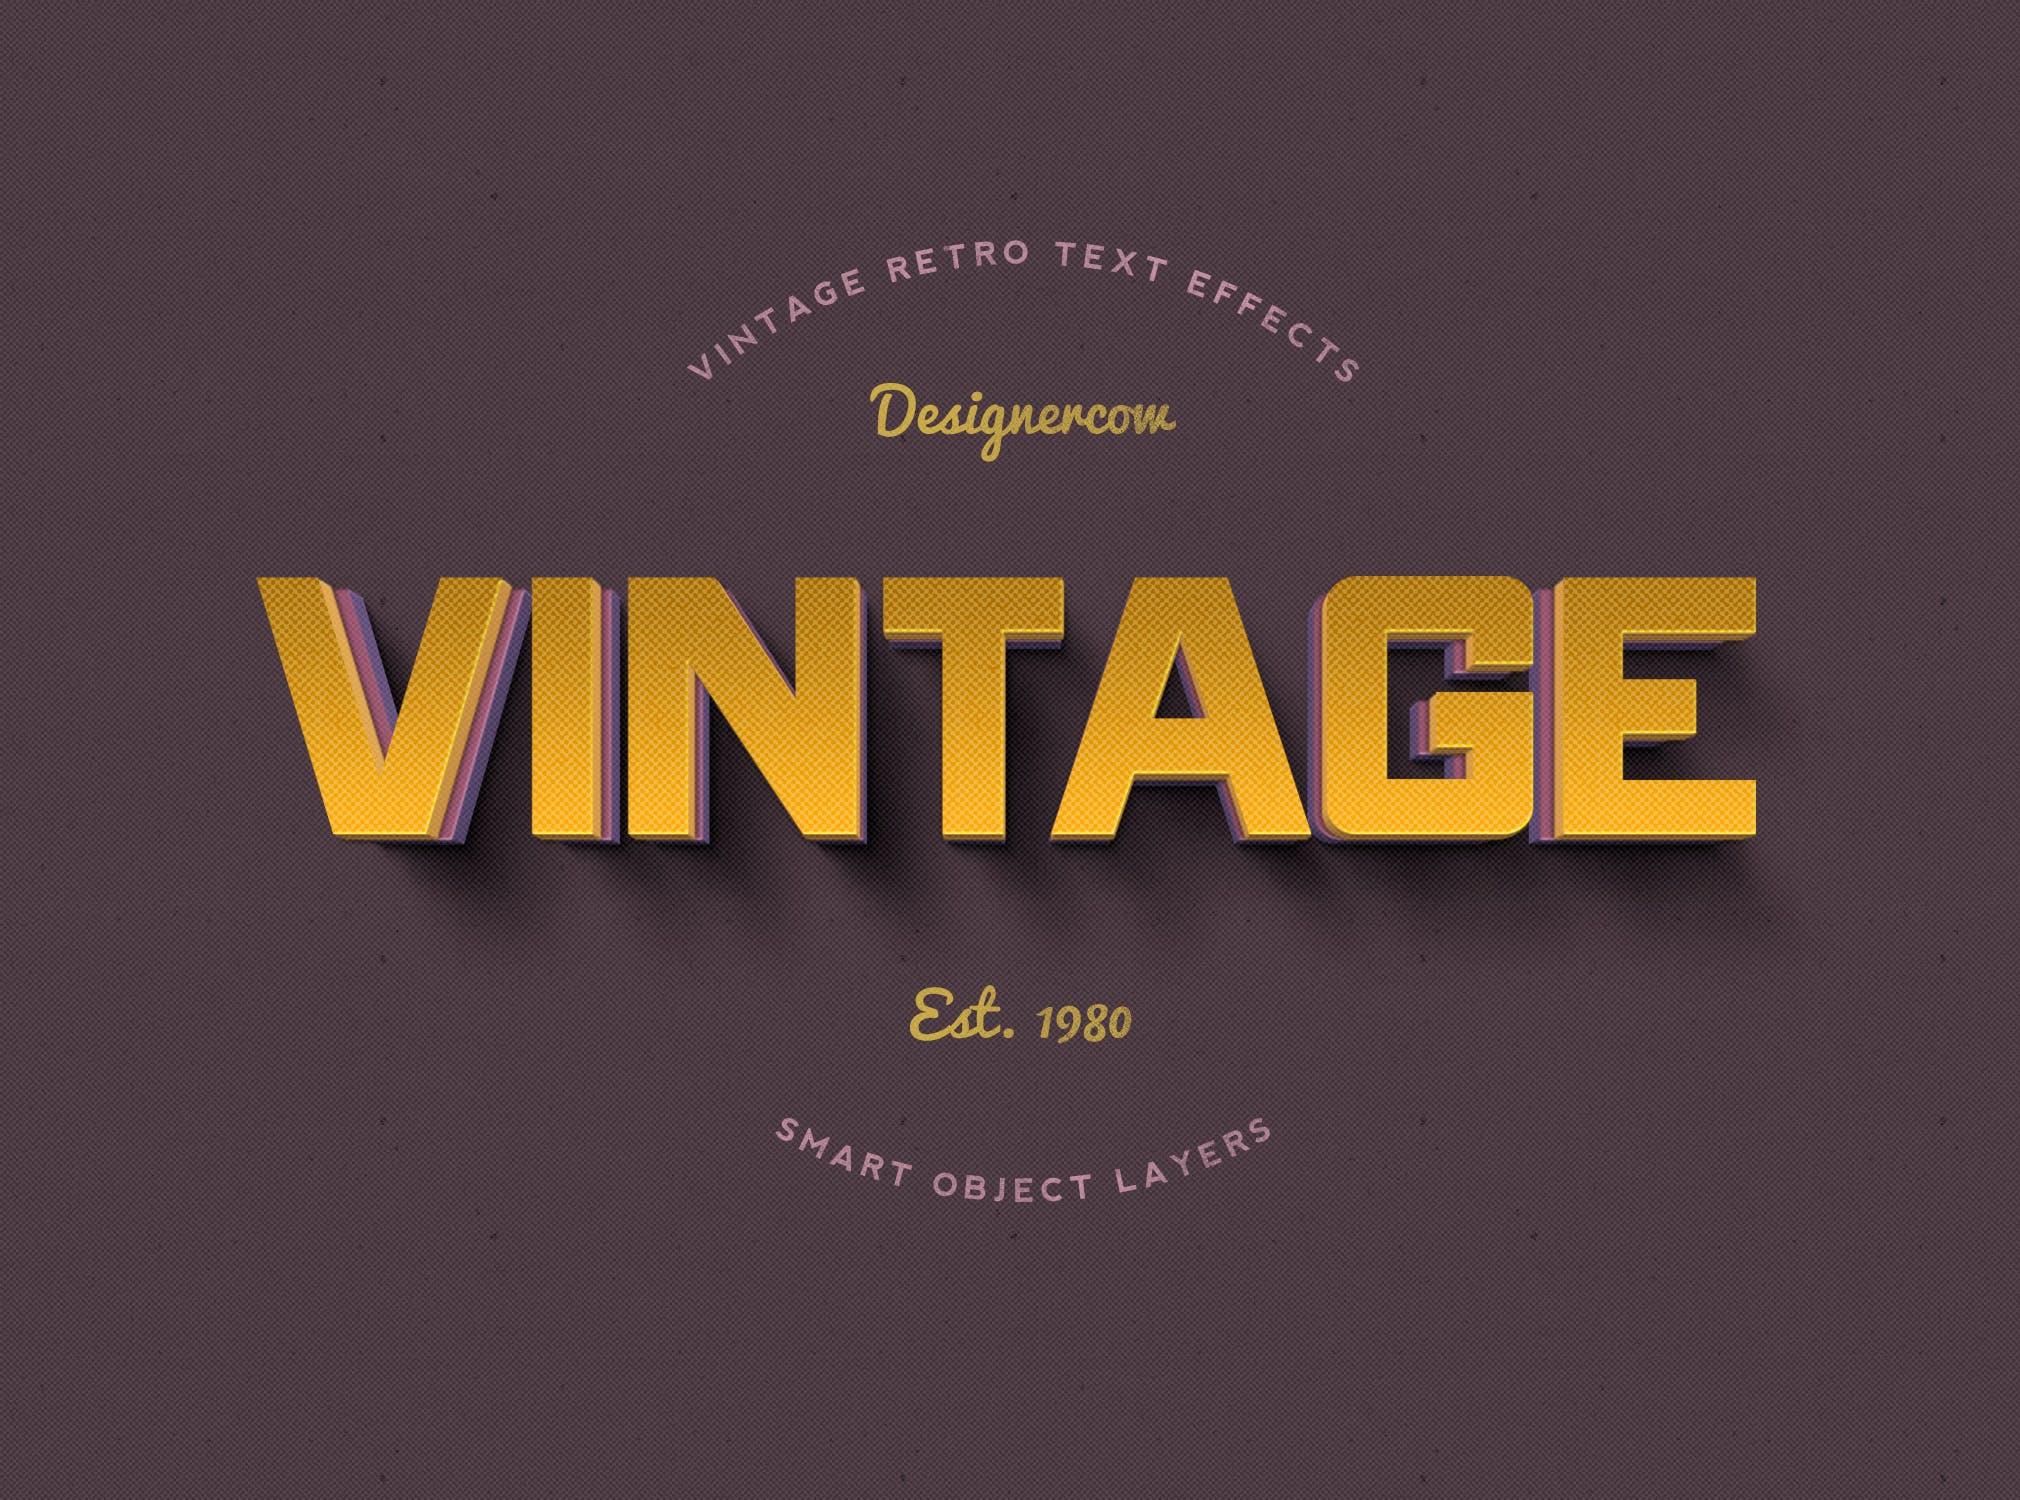 14款老式复古3D立体效果徽标标题字体设计PS样式模板 14 Vintage Retro Text Effects插图(3)